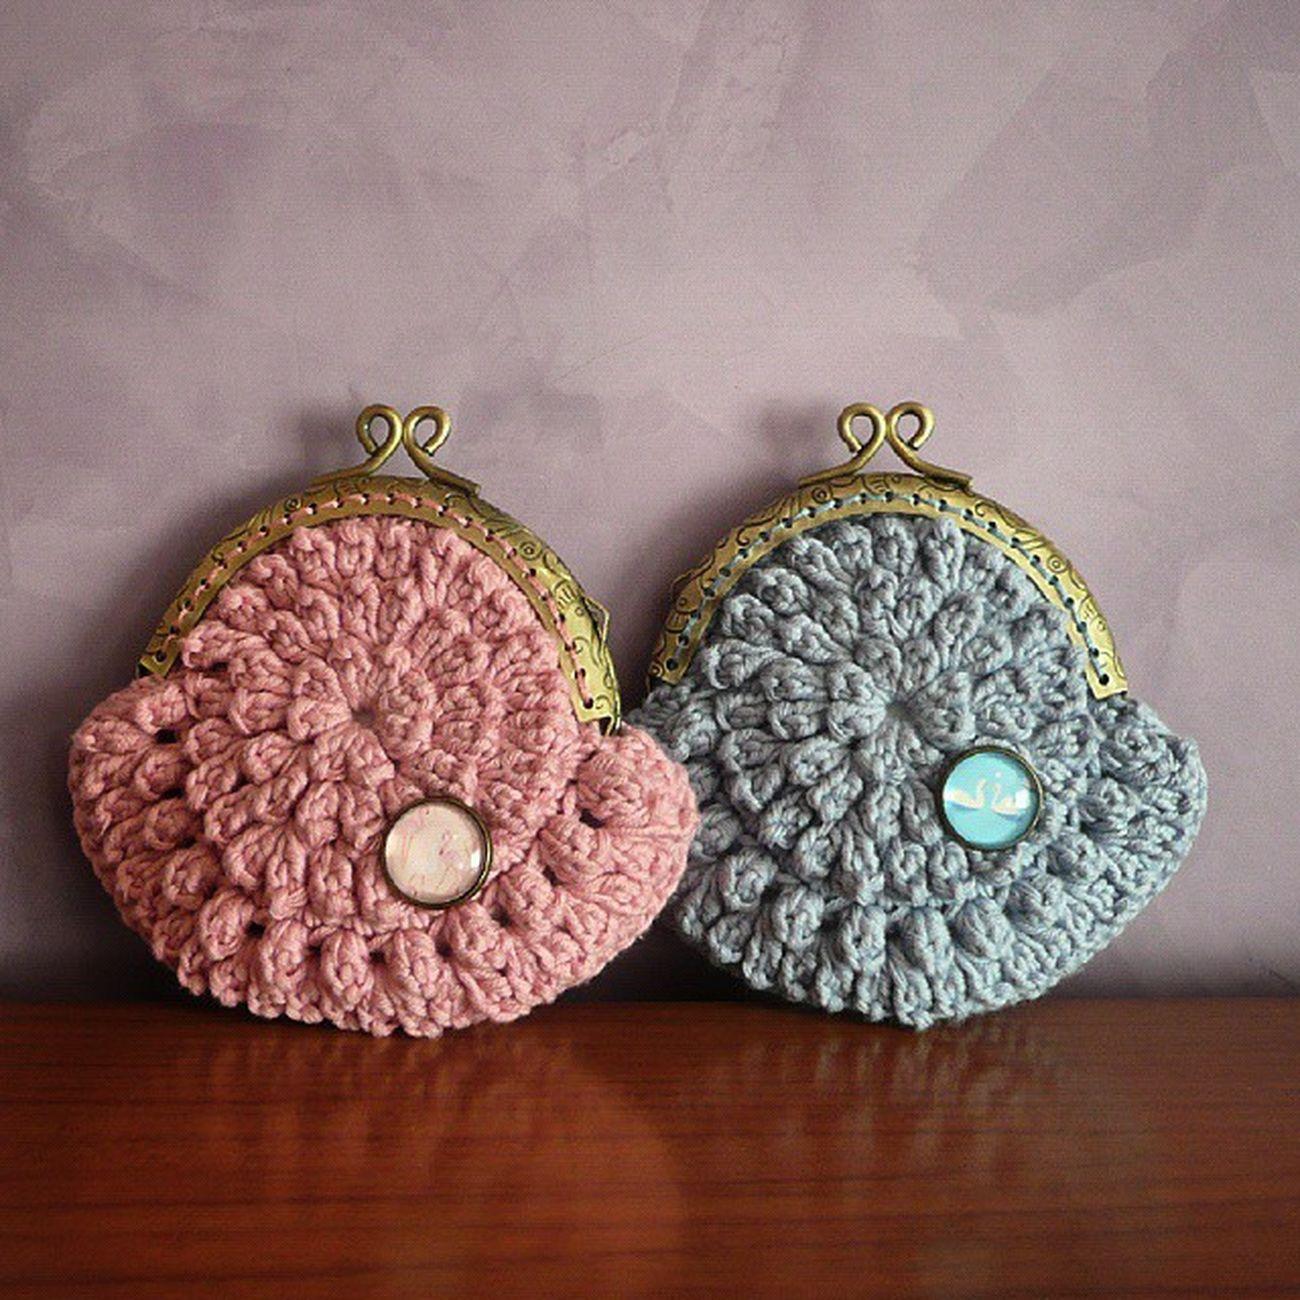 Rosa con Flamencos y Azul con Cisnes ♥ Coinpurse Handmade Handmadewithlove Senshoku Yarn Cotton Crocheting Crochet Vintage